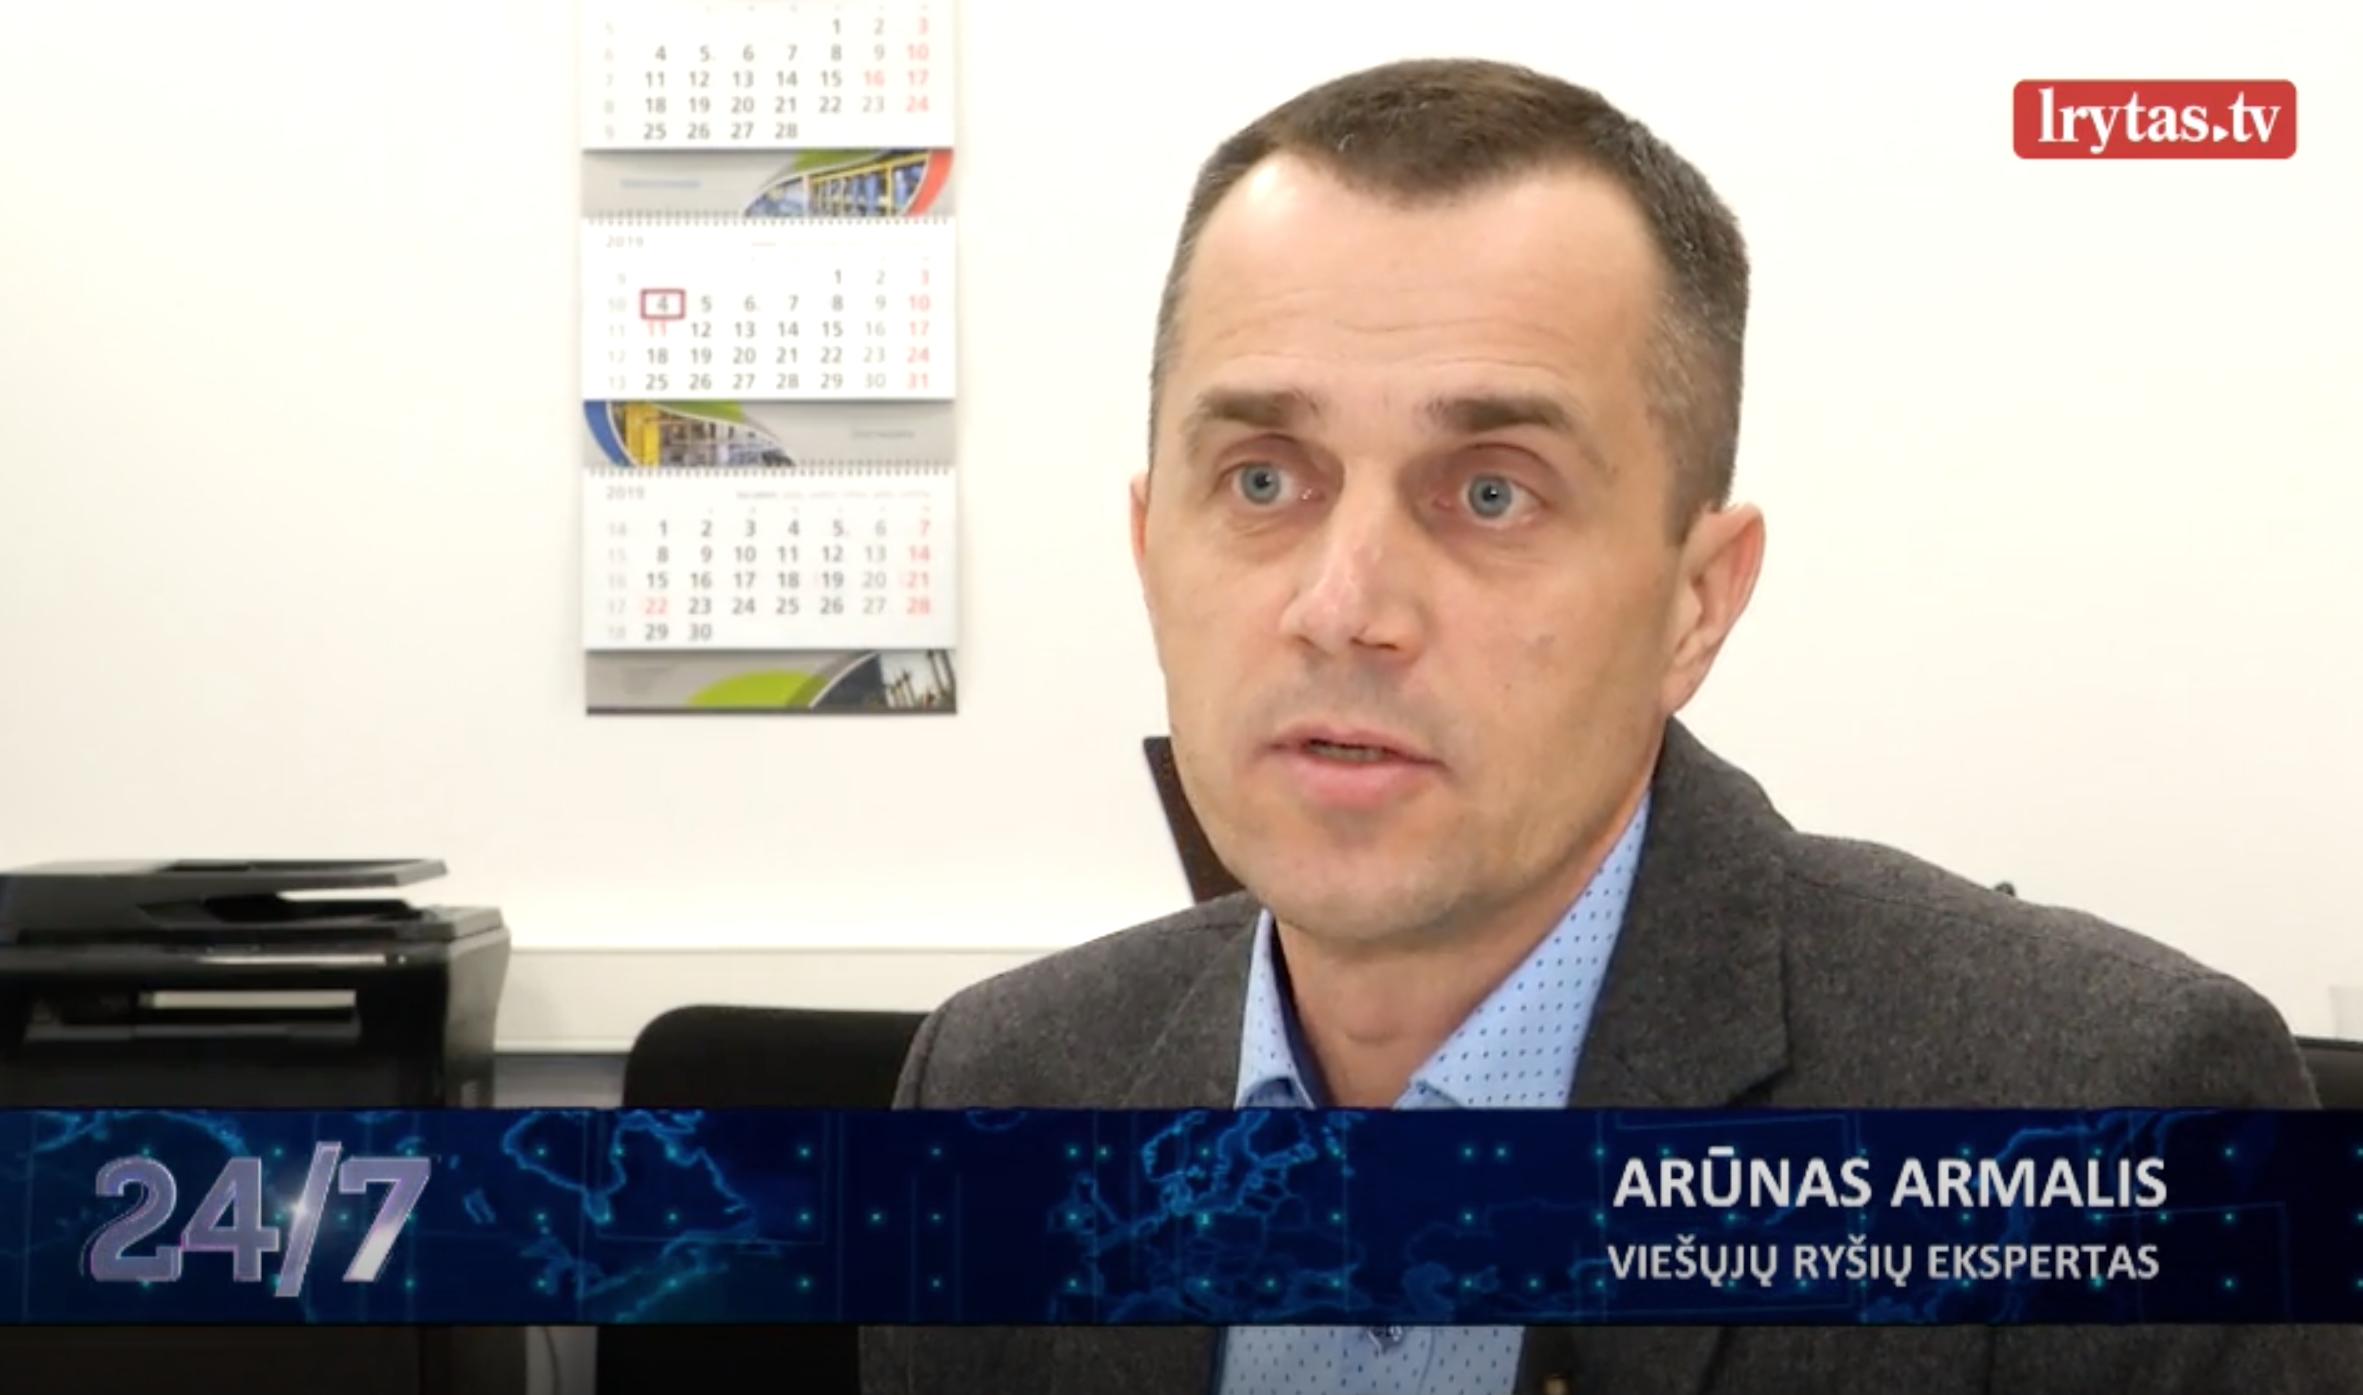 Interviu Lryto.TV: Kaip vertinti partijų komunikaciją po savivaldos rinkimų?